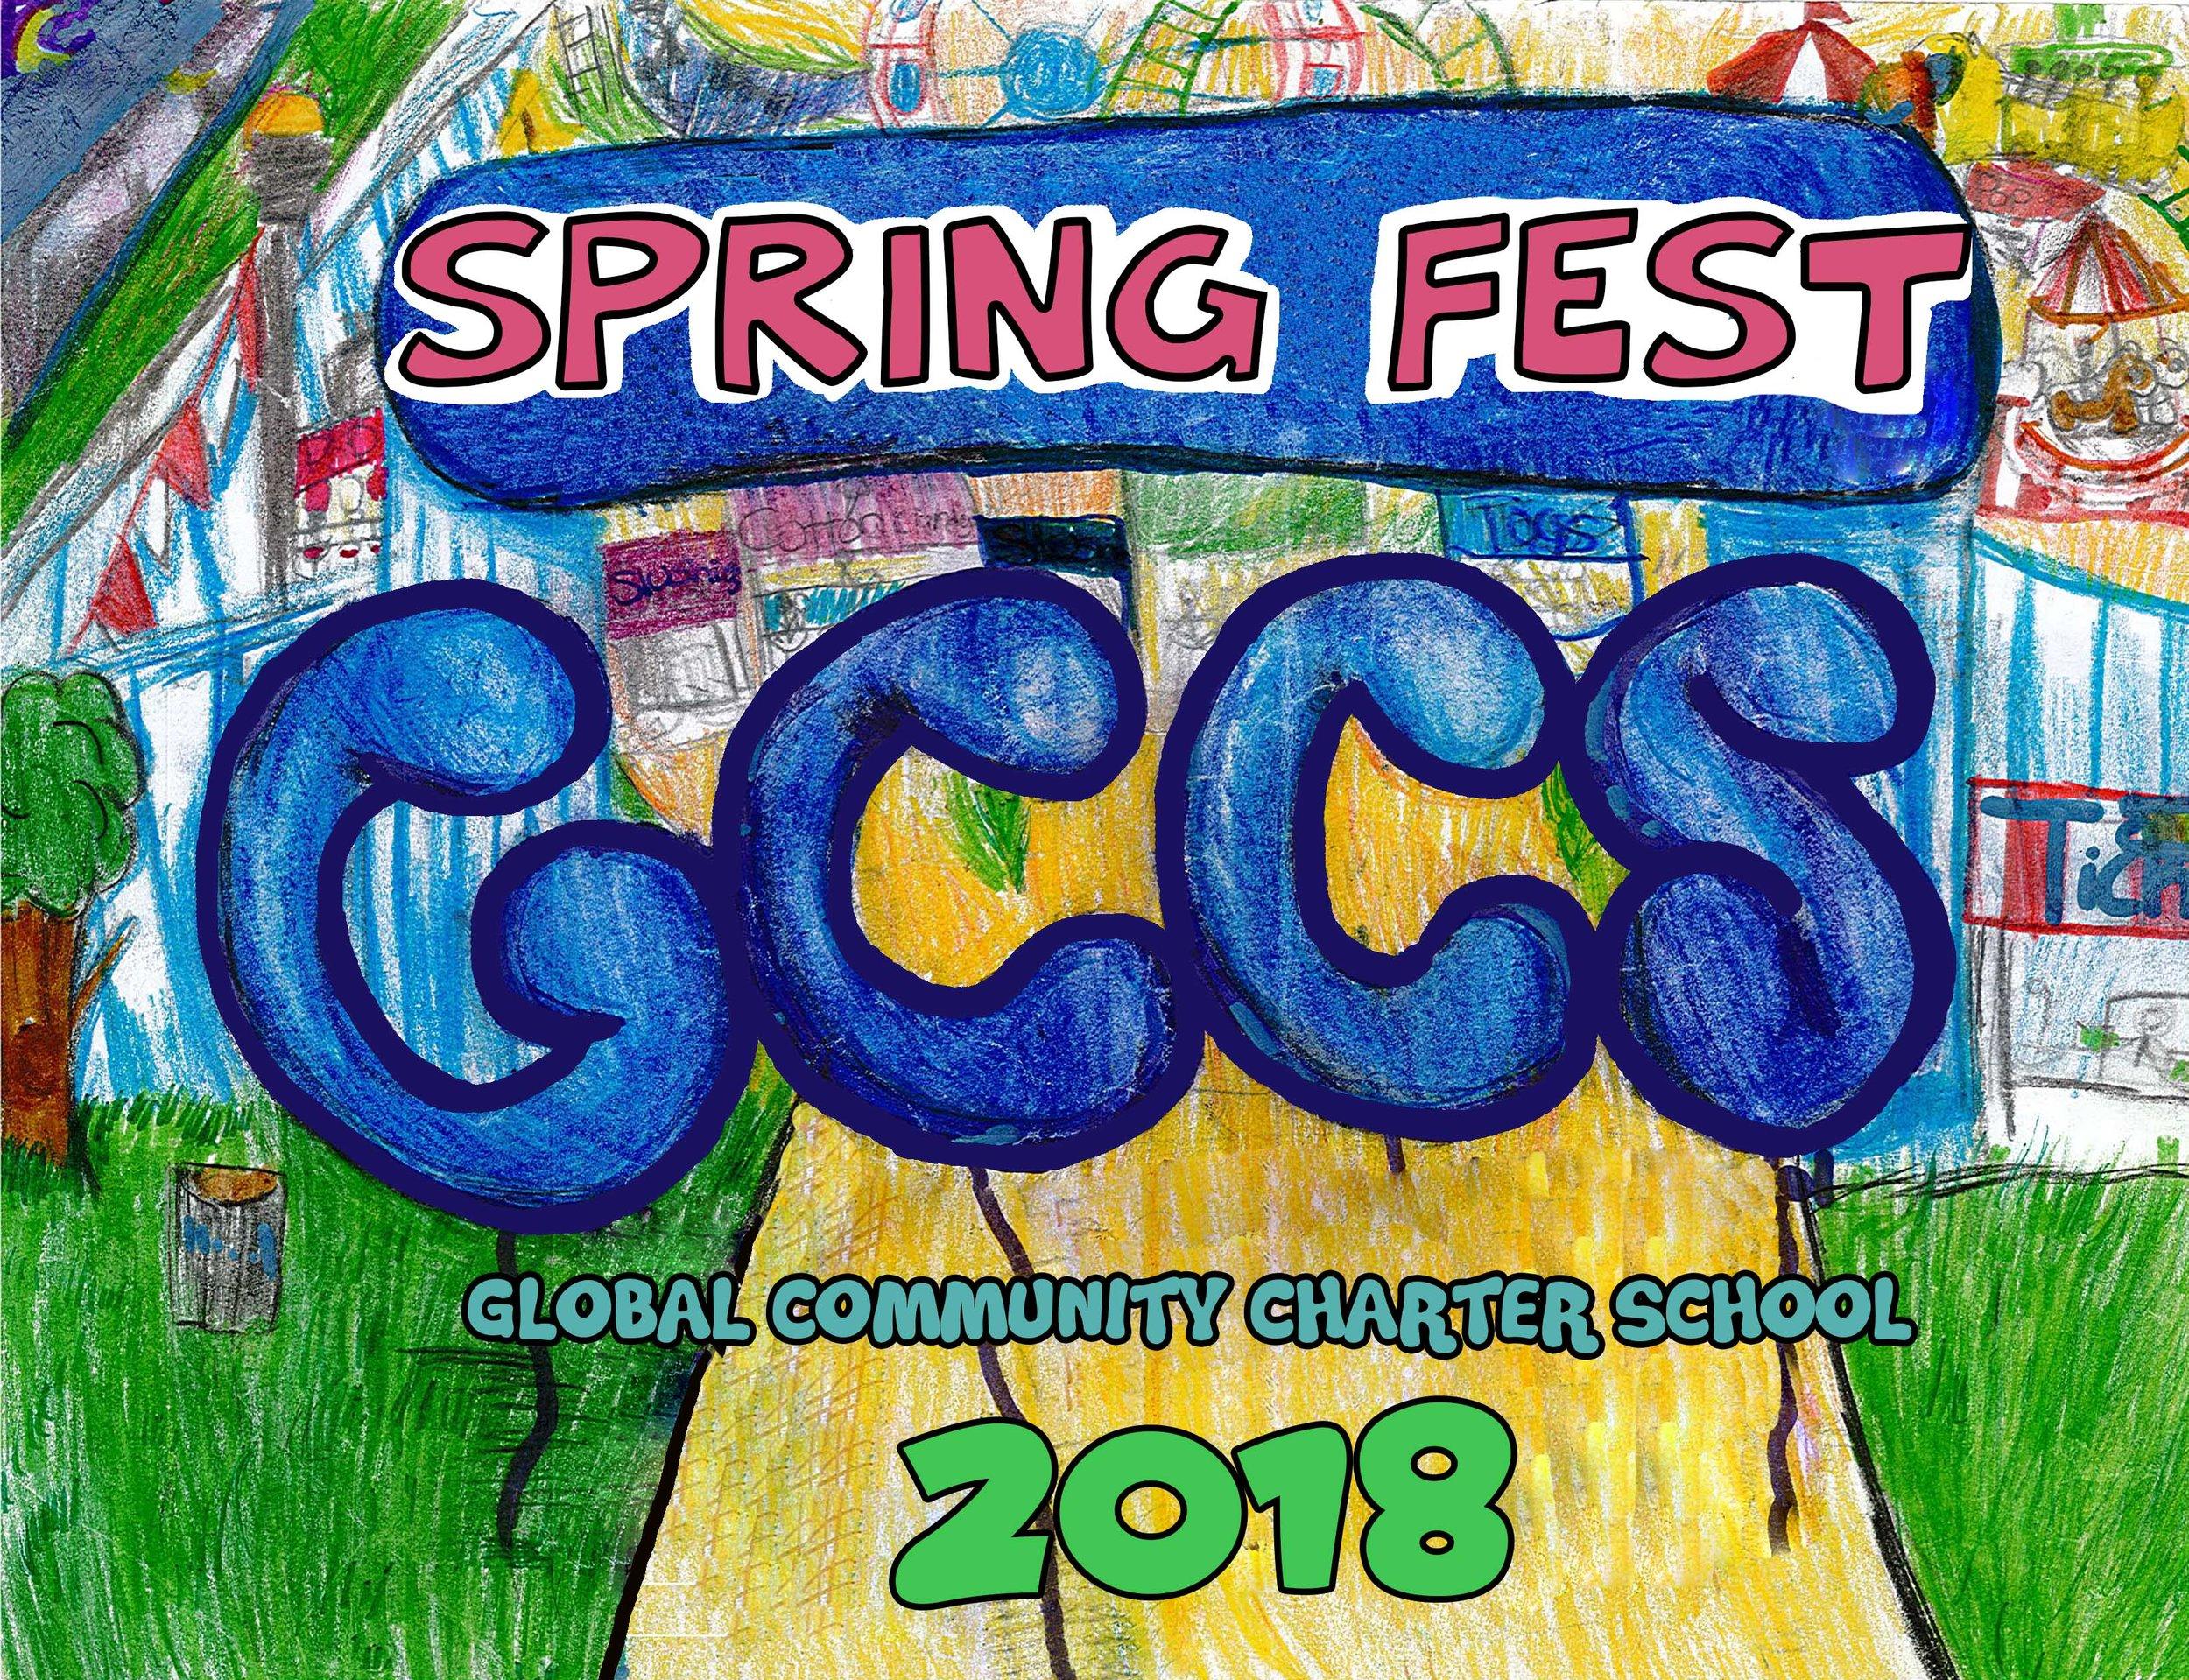 Big shoutout to Janelly H.from class 5C for creating the Spring Fest 2018 t-shirt art piece.  Gran agradecimiento a Janelly H. de la clase 5C por crear la pieza de arte de la camiseta Spring Fest 2018.